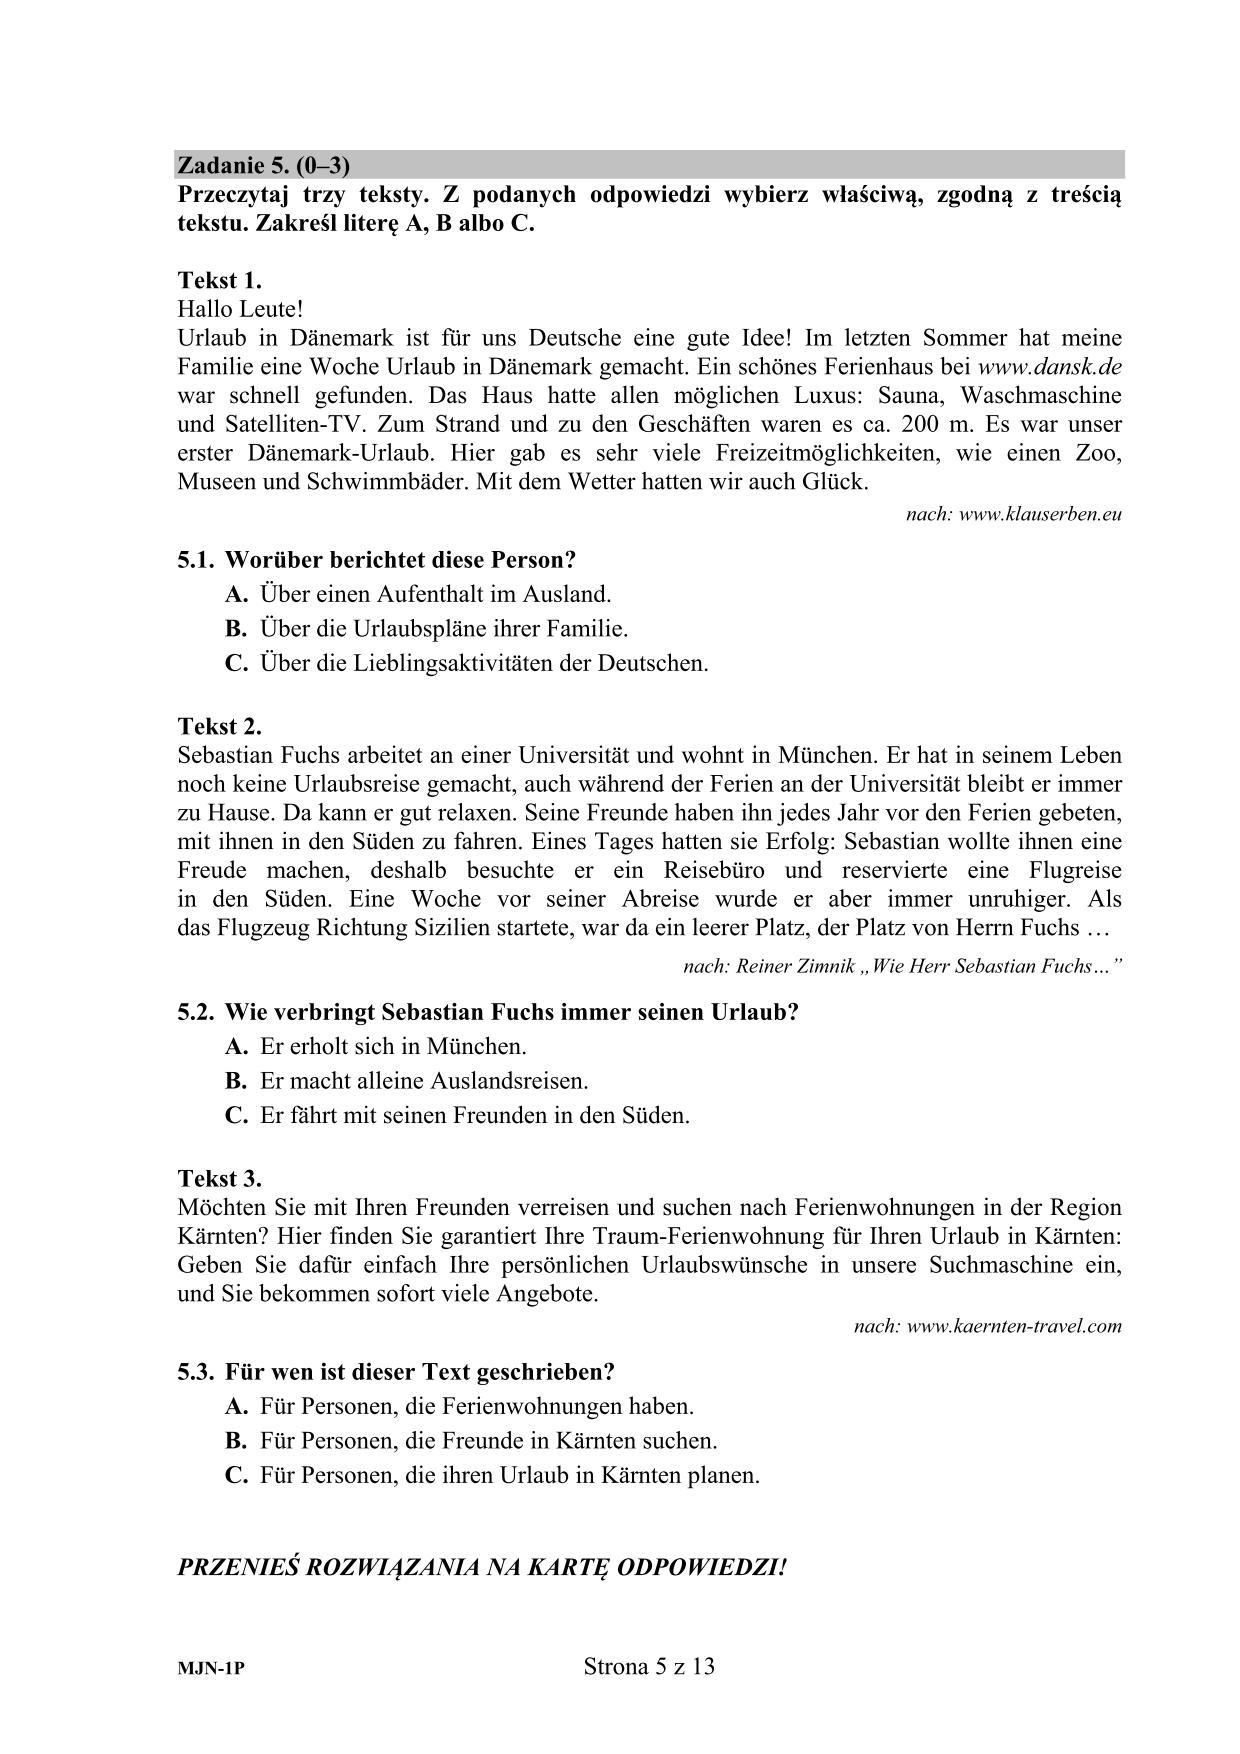 jezyk niemiecki matura 2021 odpowiedzi